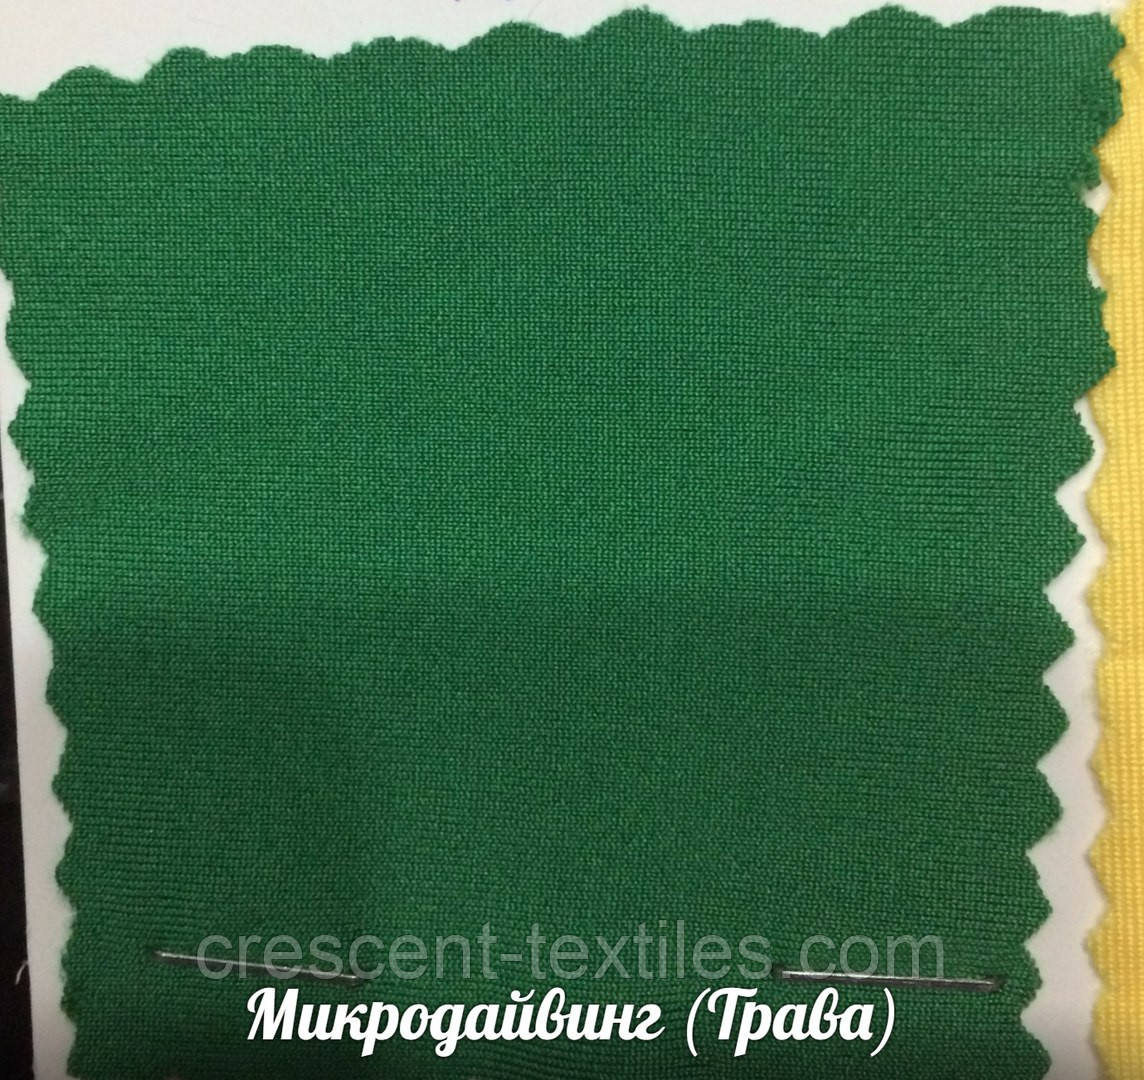 Микродайвинг (Зеленый-Трава)